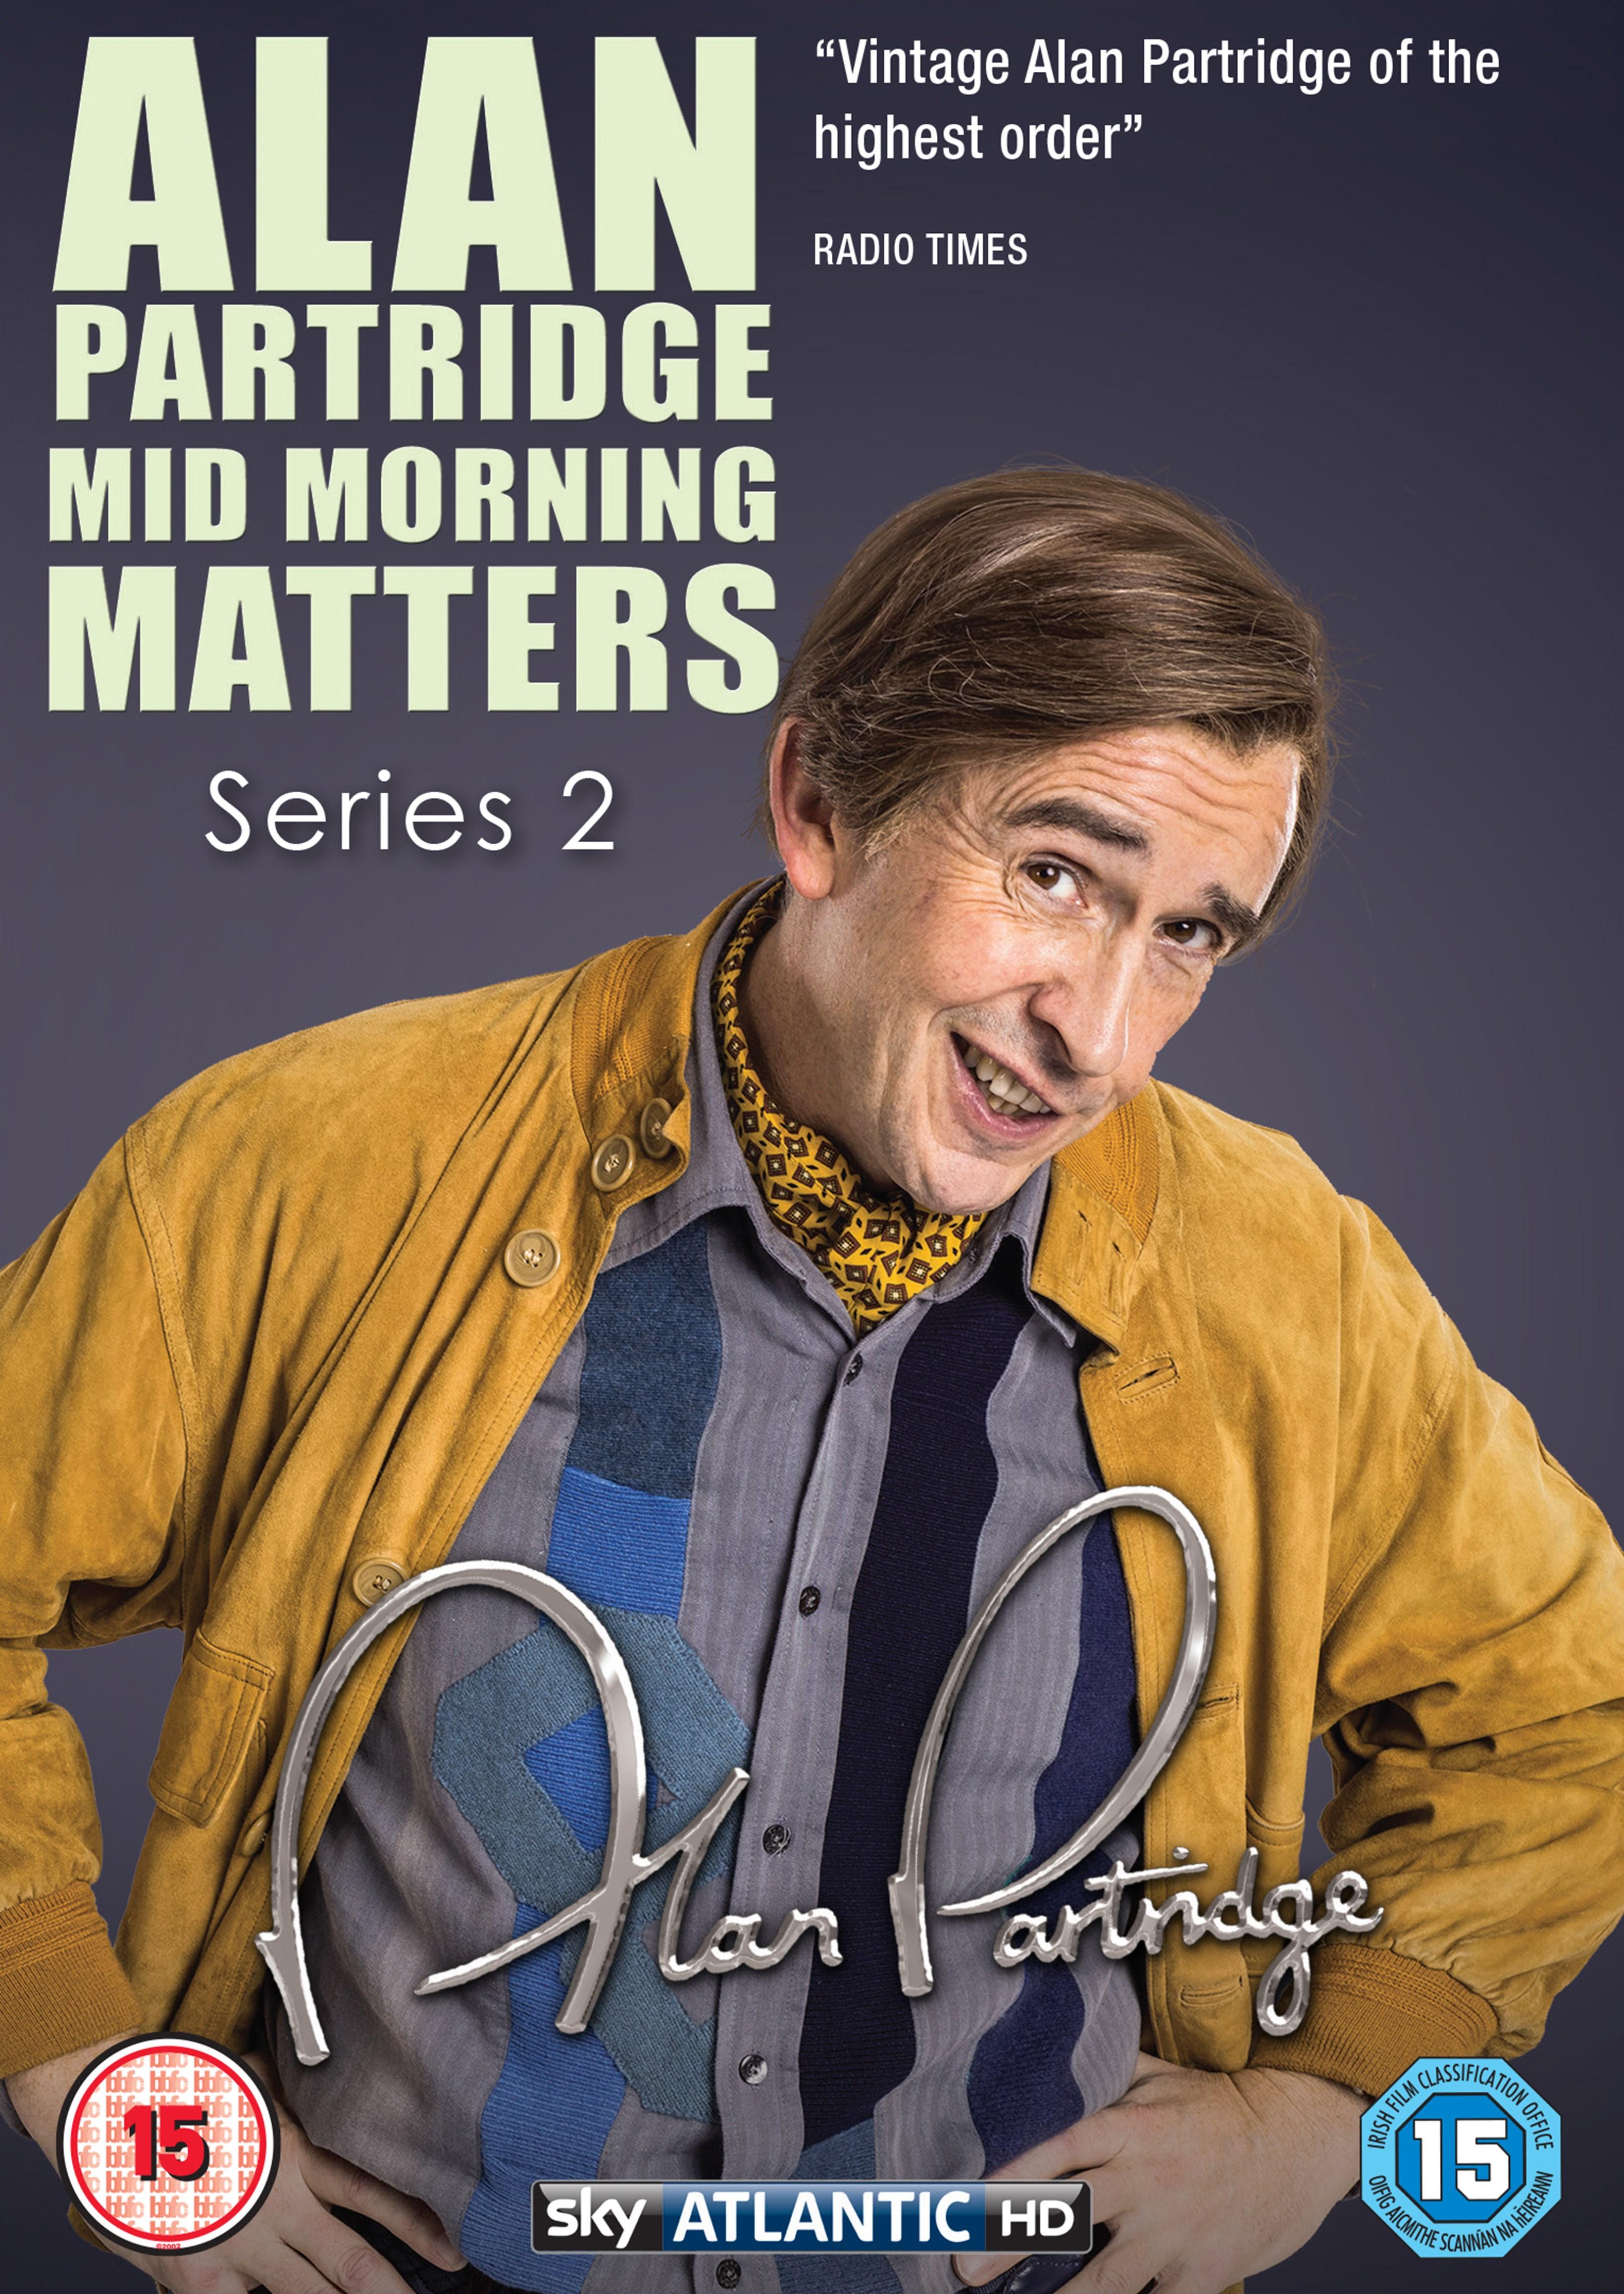 Alan Partridge: Mid Morning Matters - Series 2 - 1